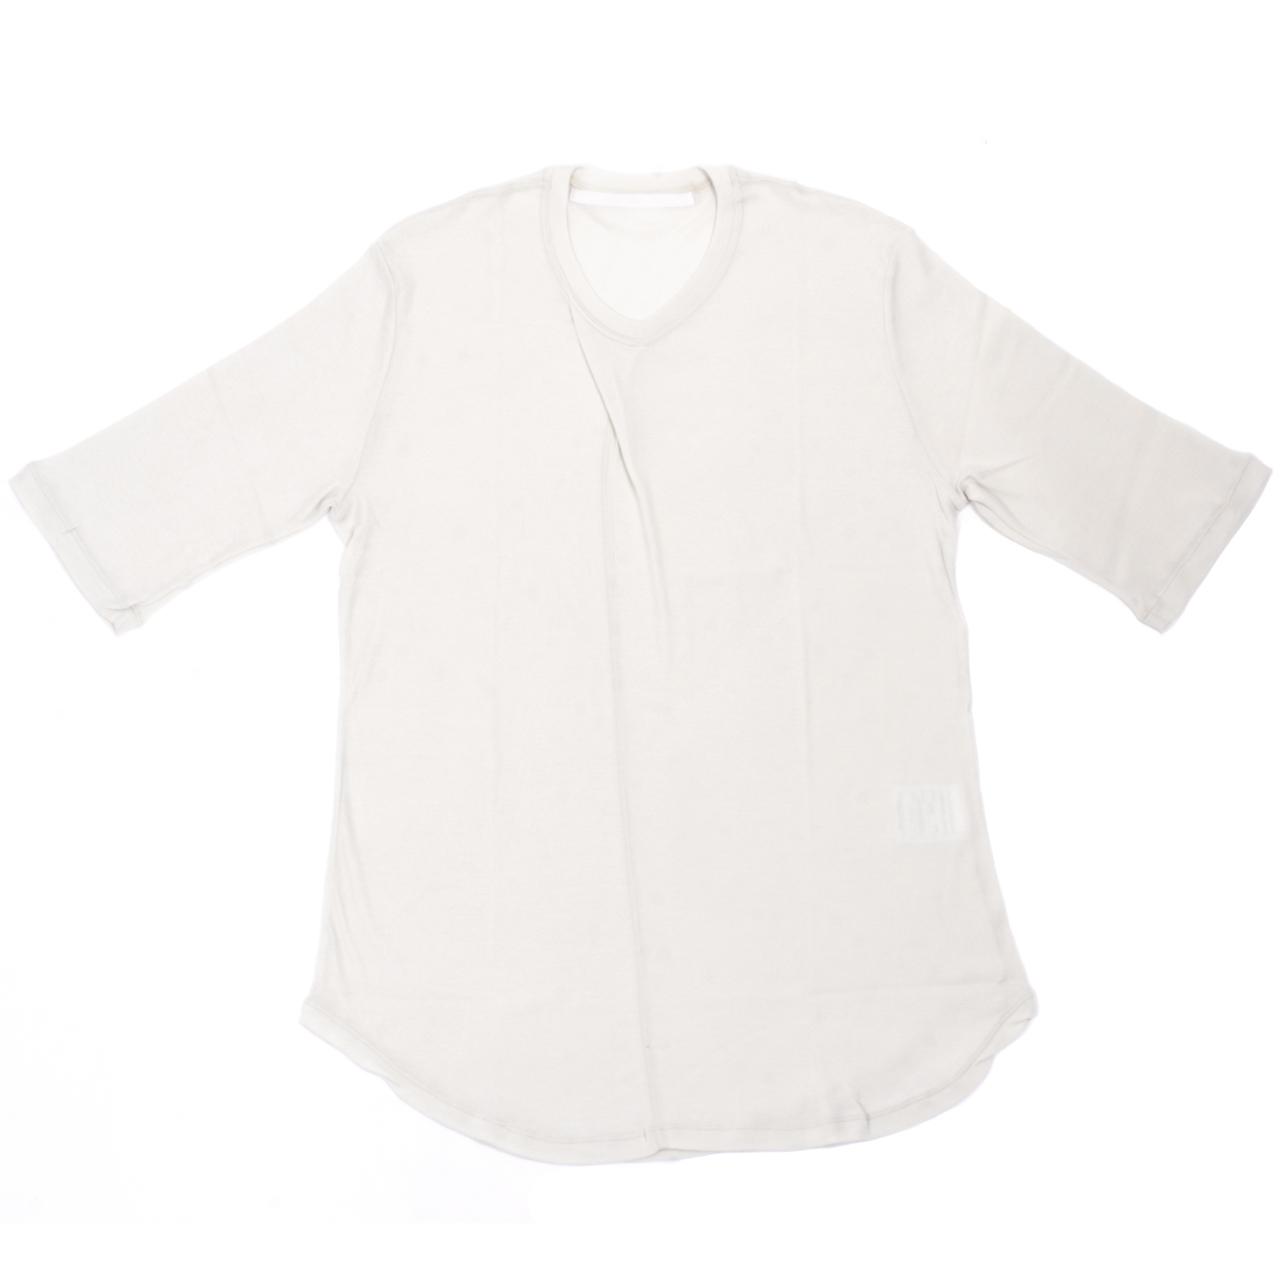 707CUM7-PLASTER / カラータック Tシャツ